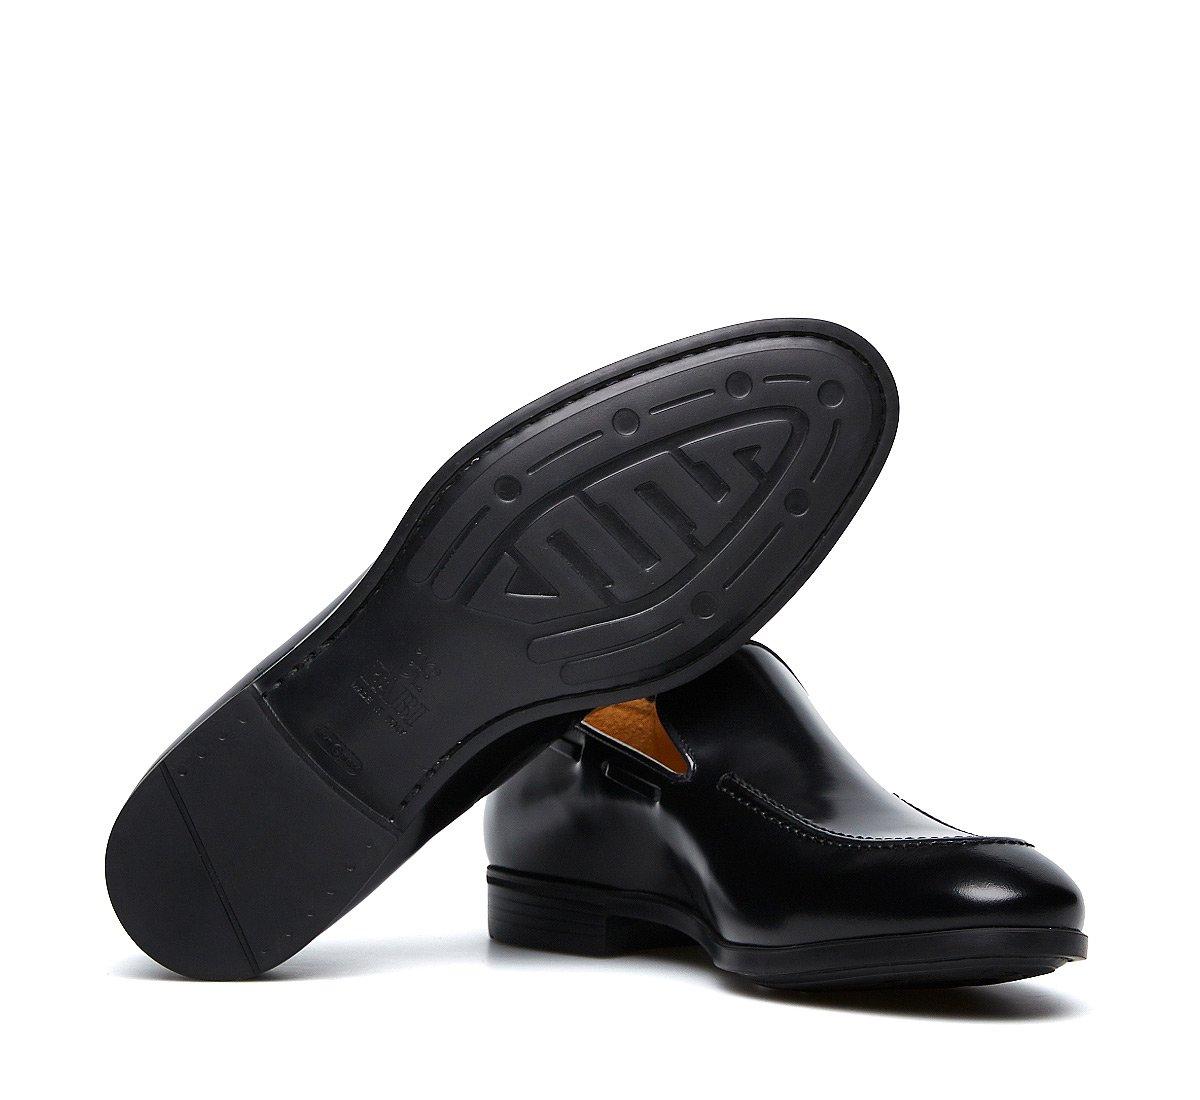 Classic calfskin moccasins